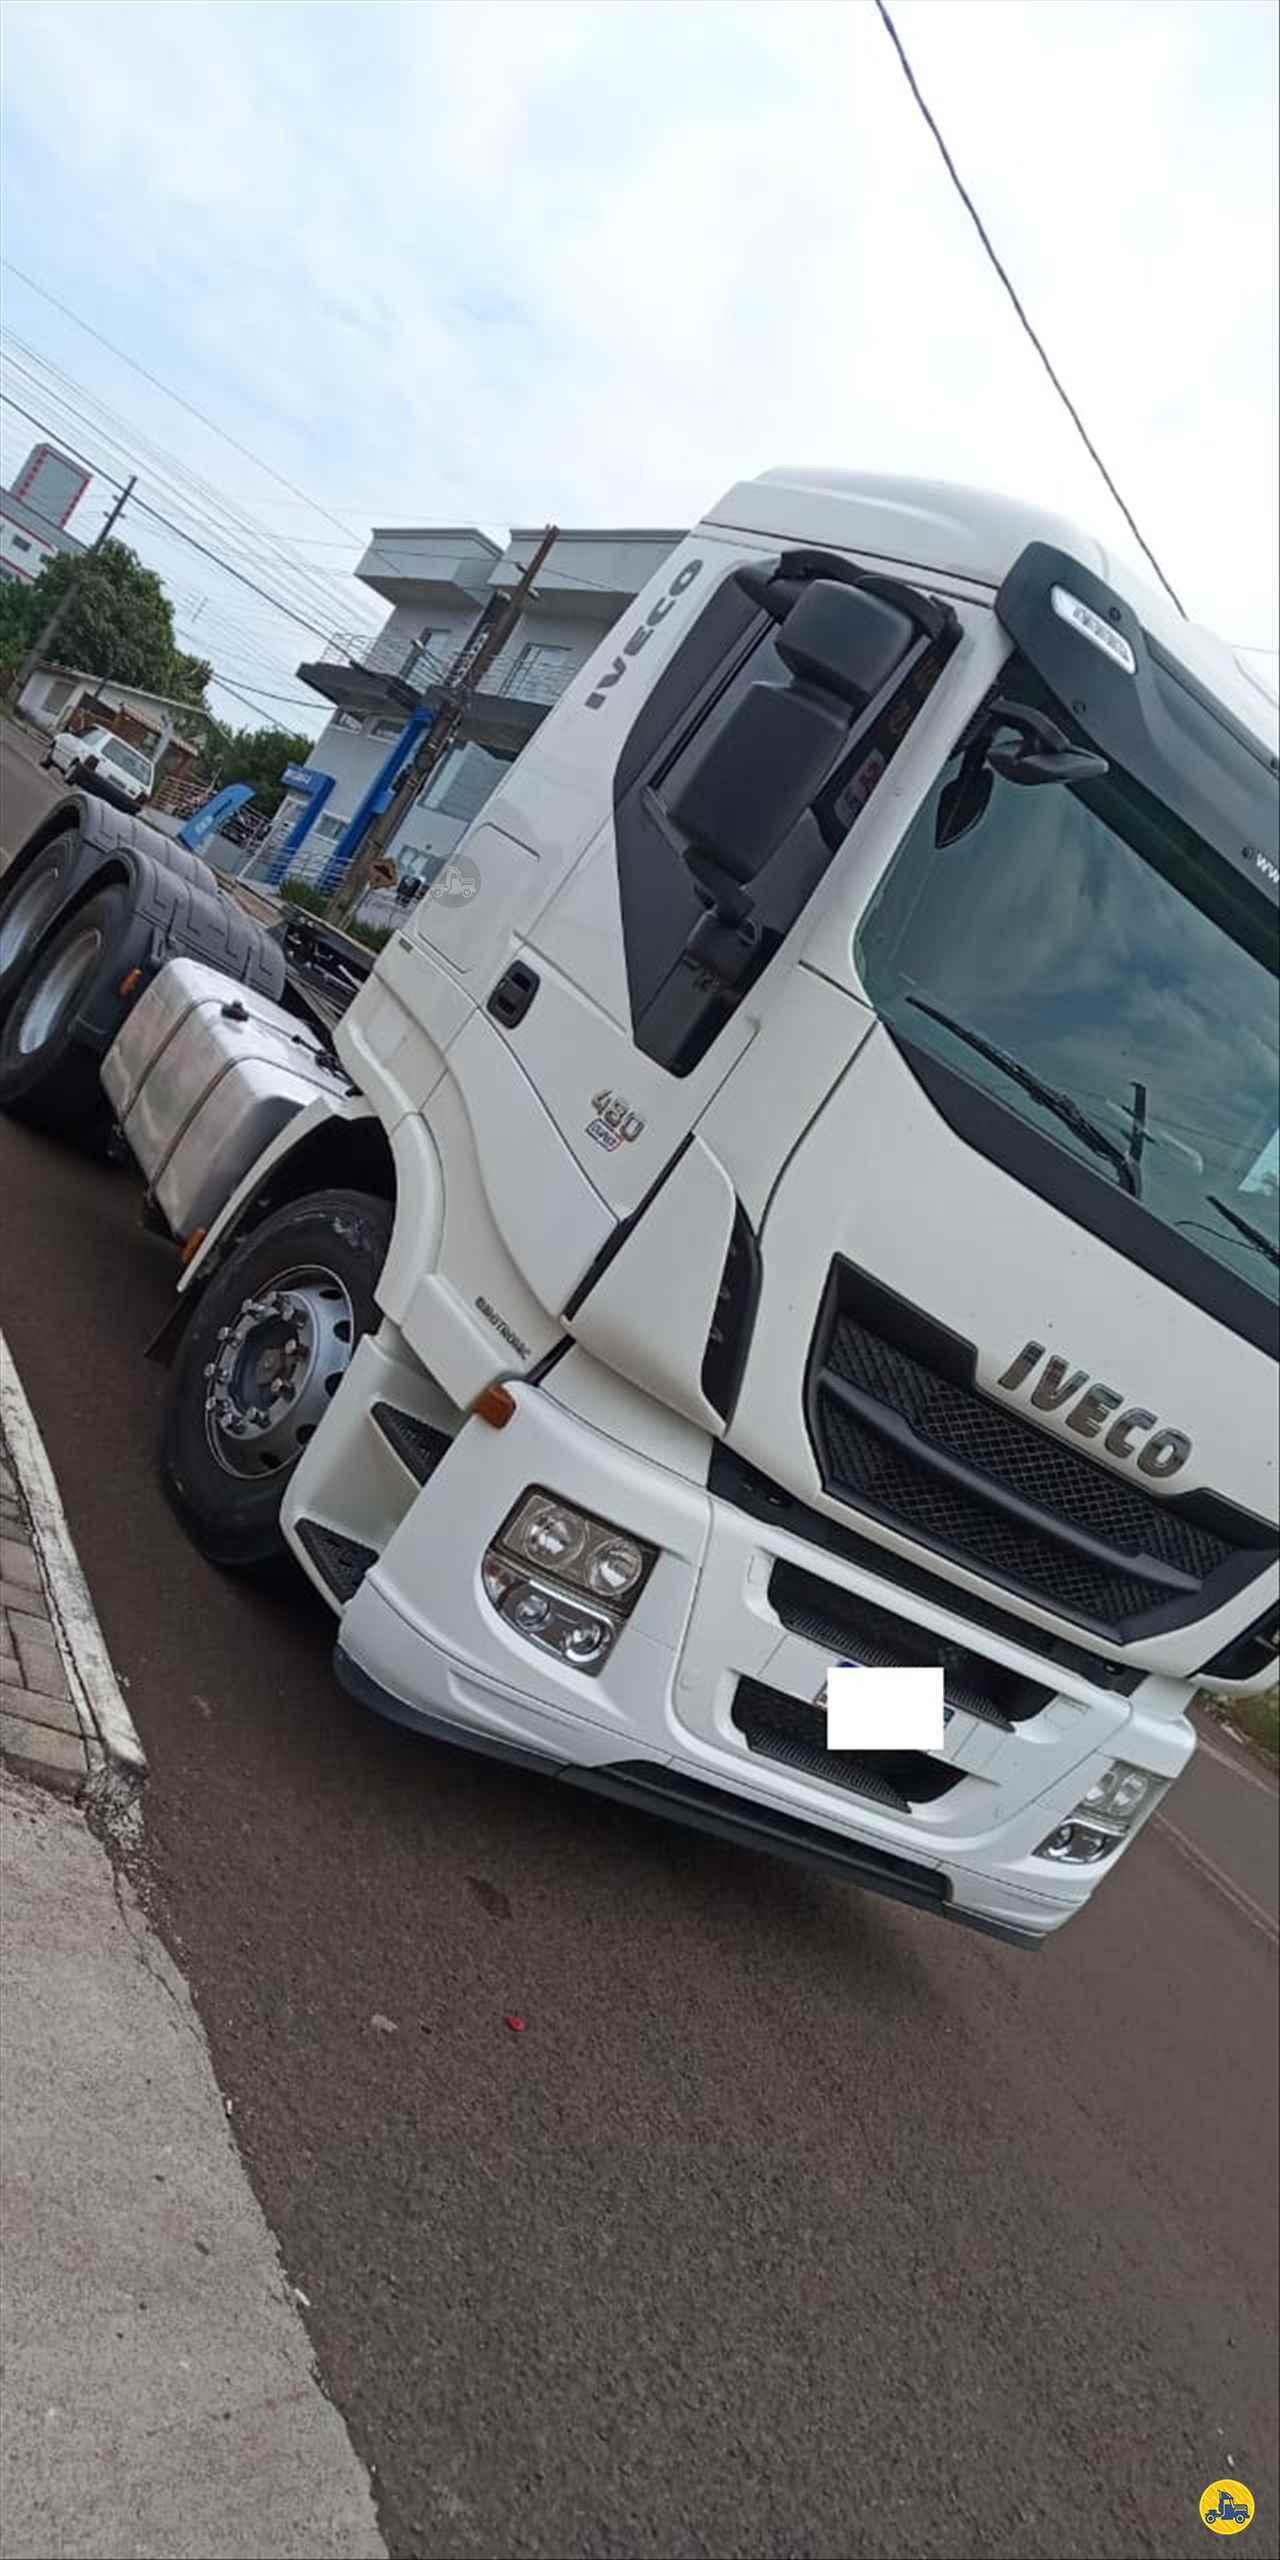 CAMINHAO IVECO STRALIS 480 Cavalo Mecânico Truck 6x2 Transmap Caminhões SANTA ROSA RIO GRANDE DO SUL RS